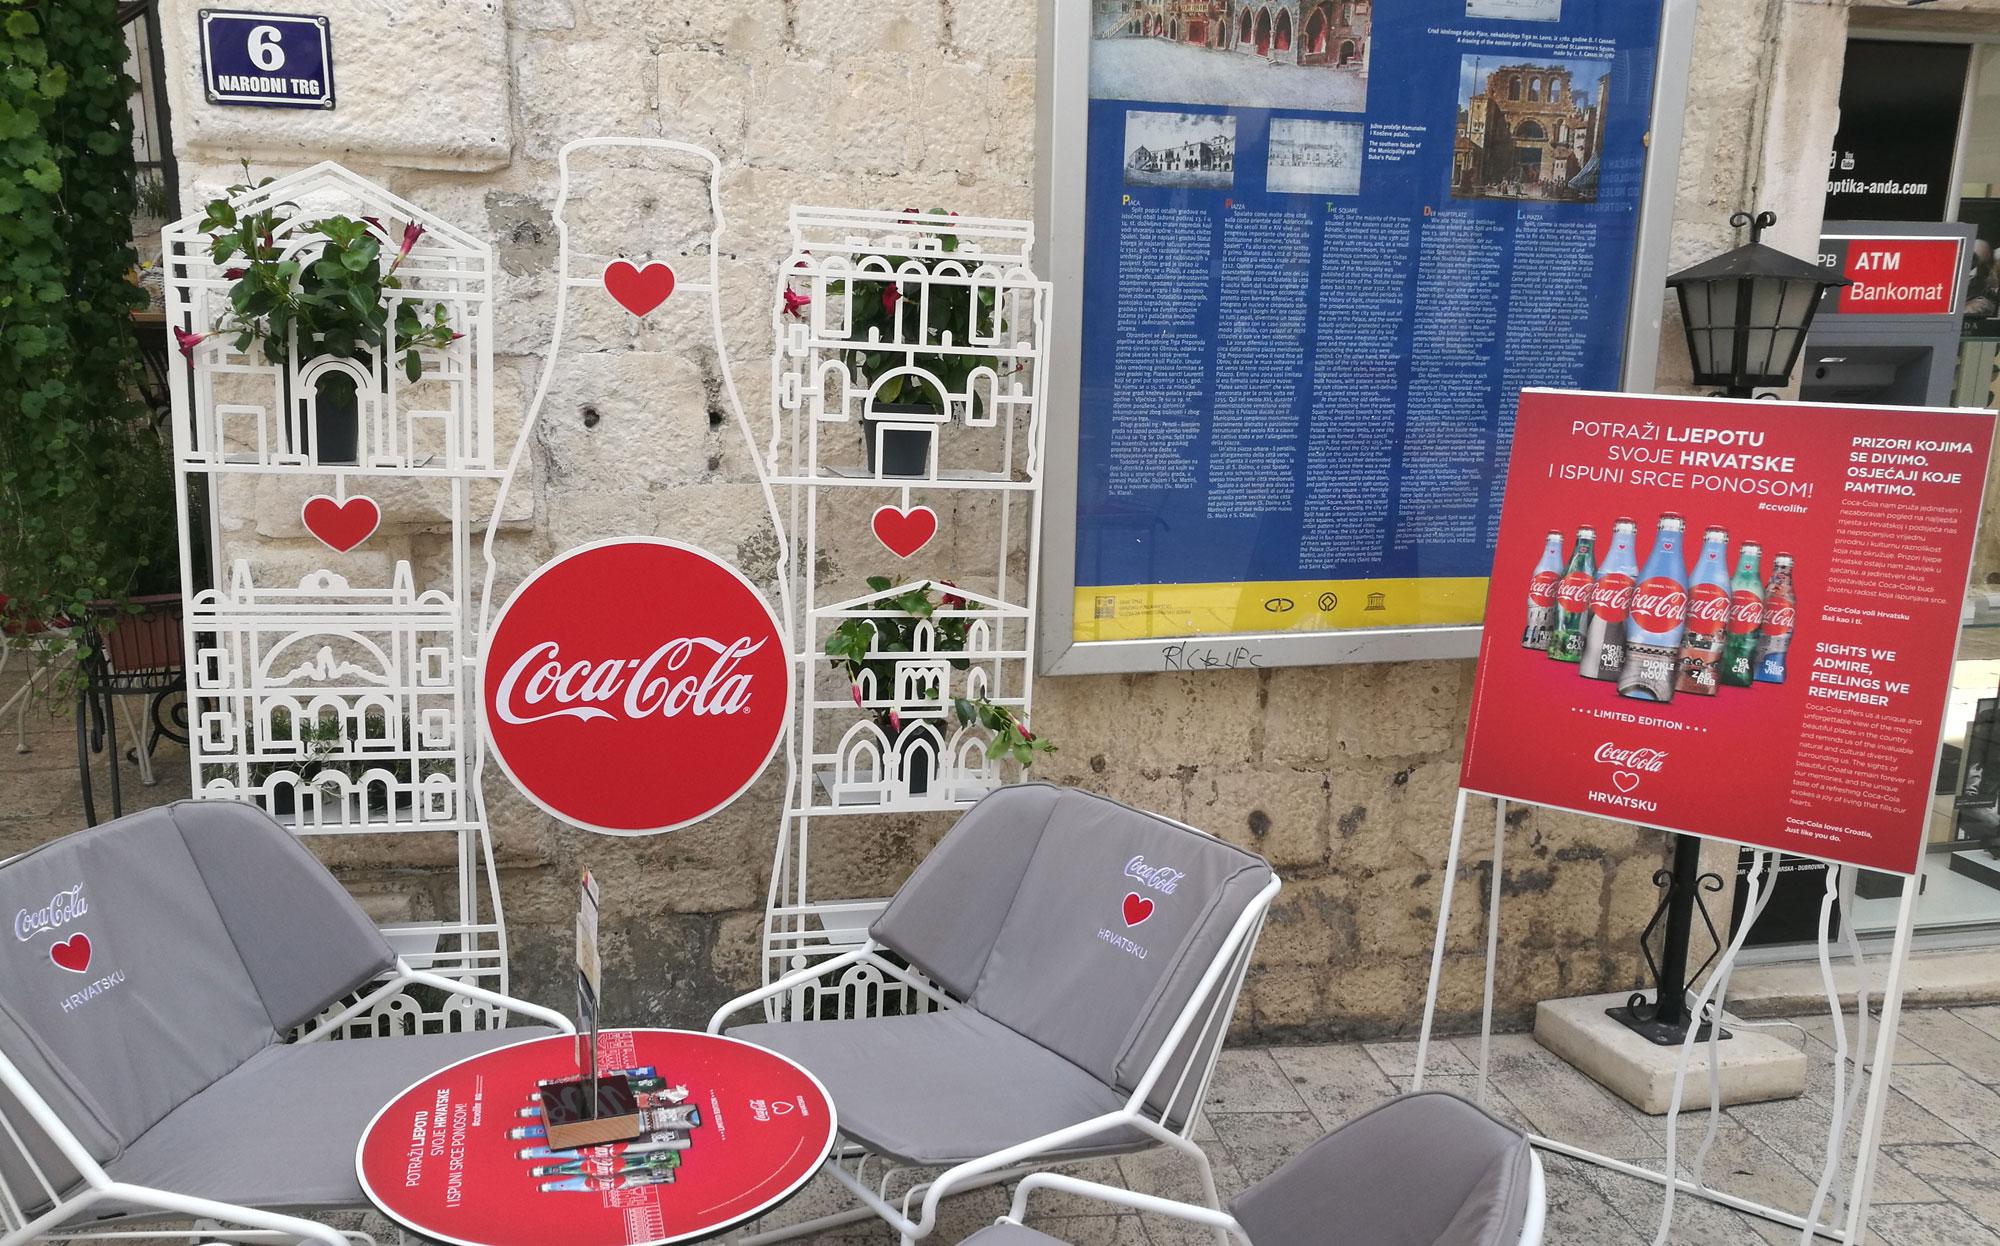 masavukmanovic.com - coca-cola voli hrvatsku 03